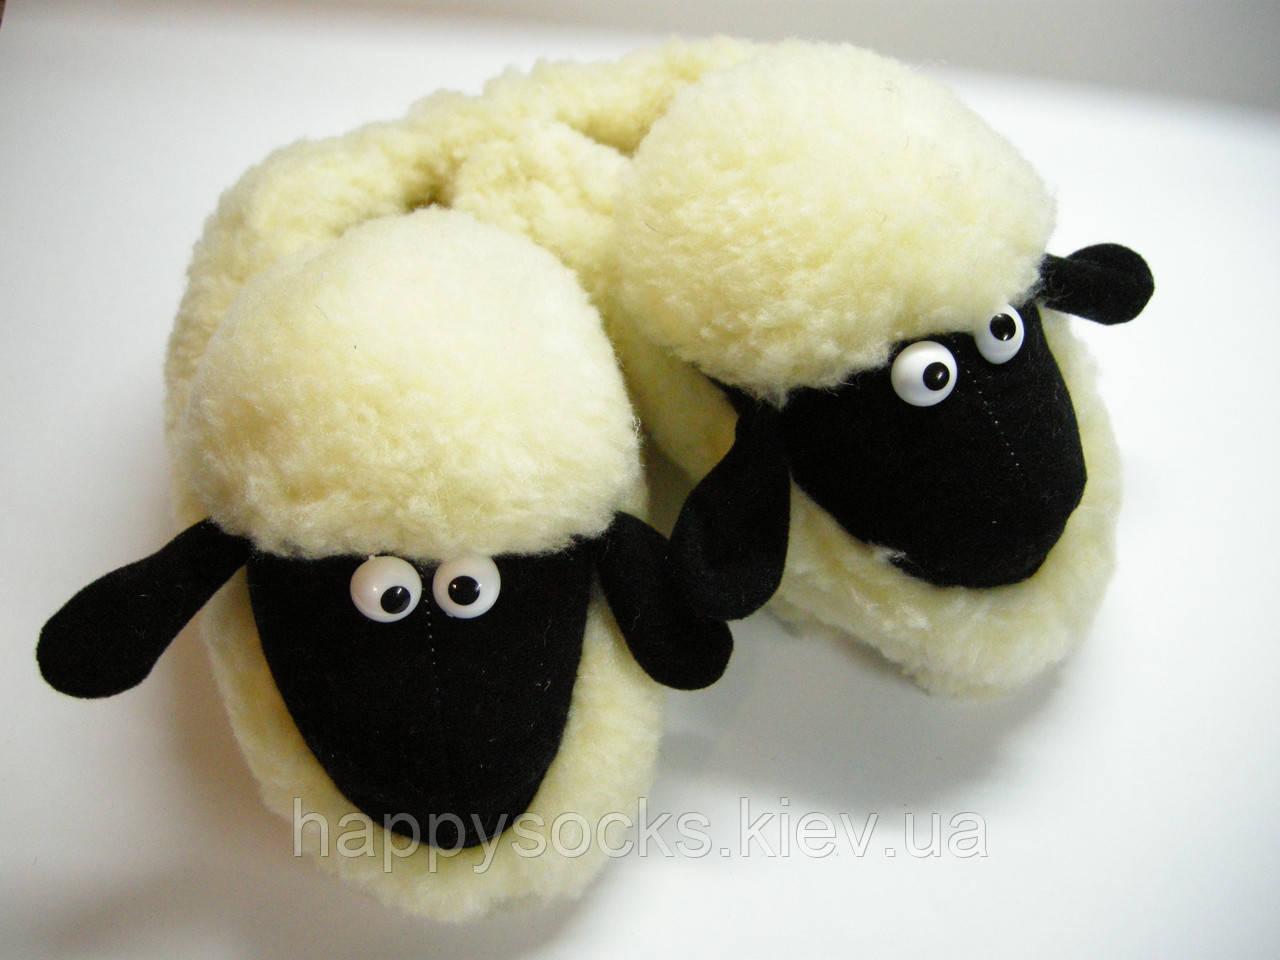 """Теплые тапочки """" Овечка"""" из овечьей шерсти"""